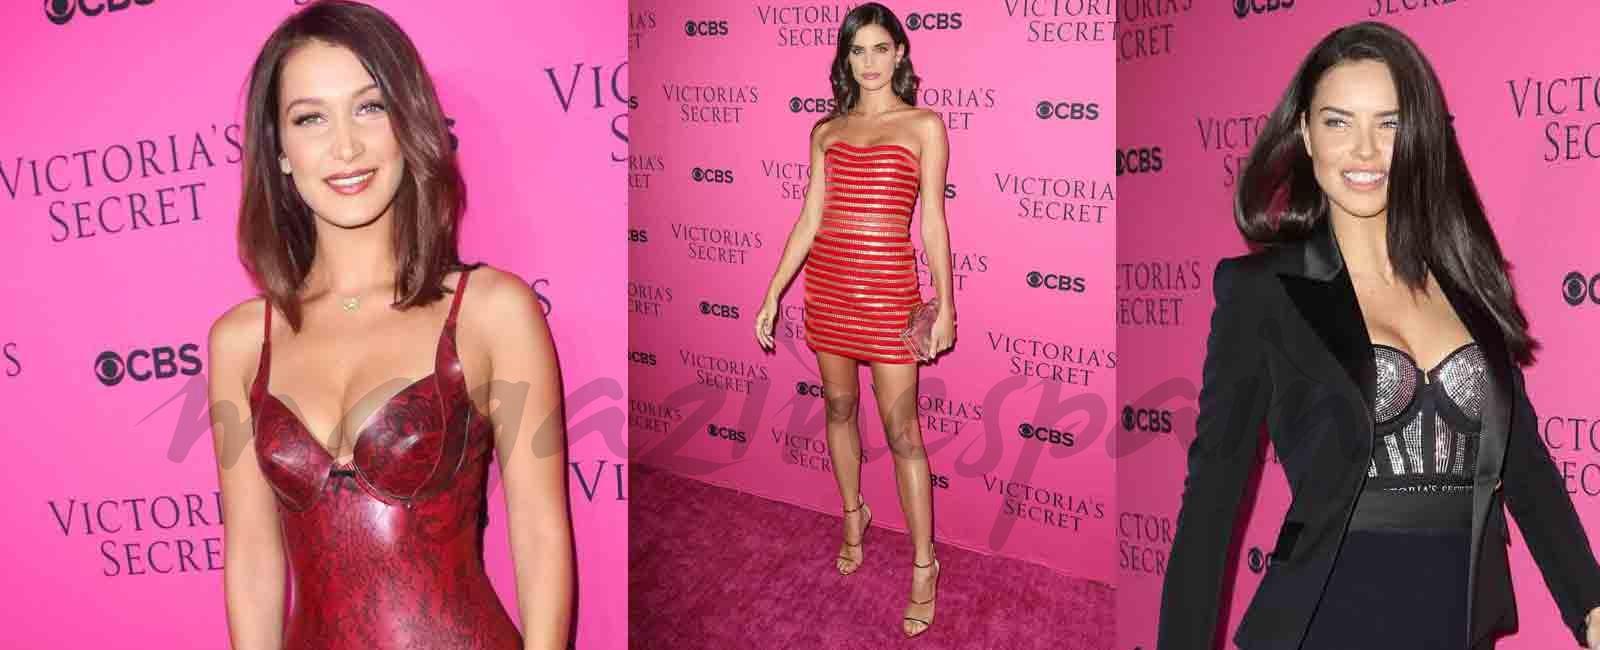 Los ángeles de Victoria's Secret, duelo de elegancia